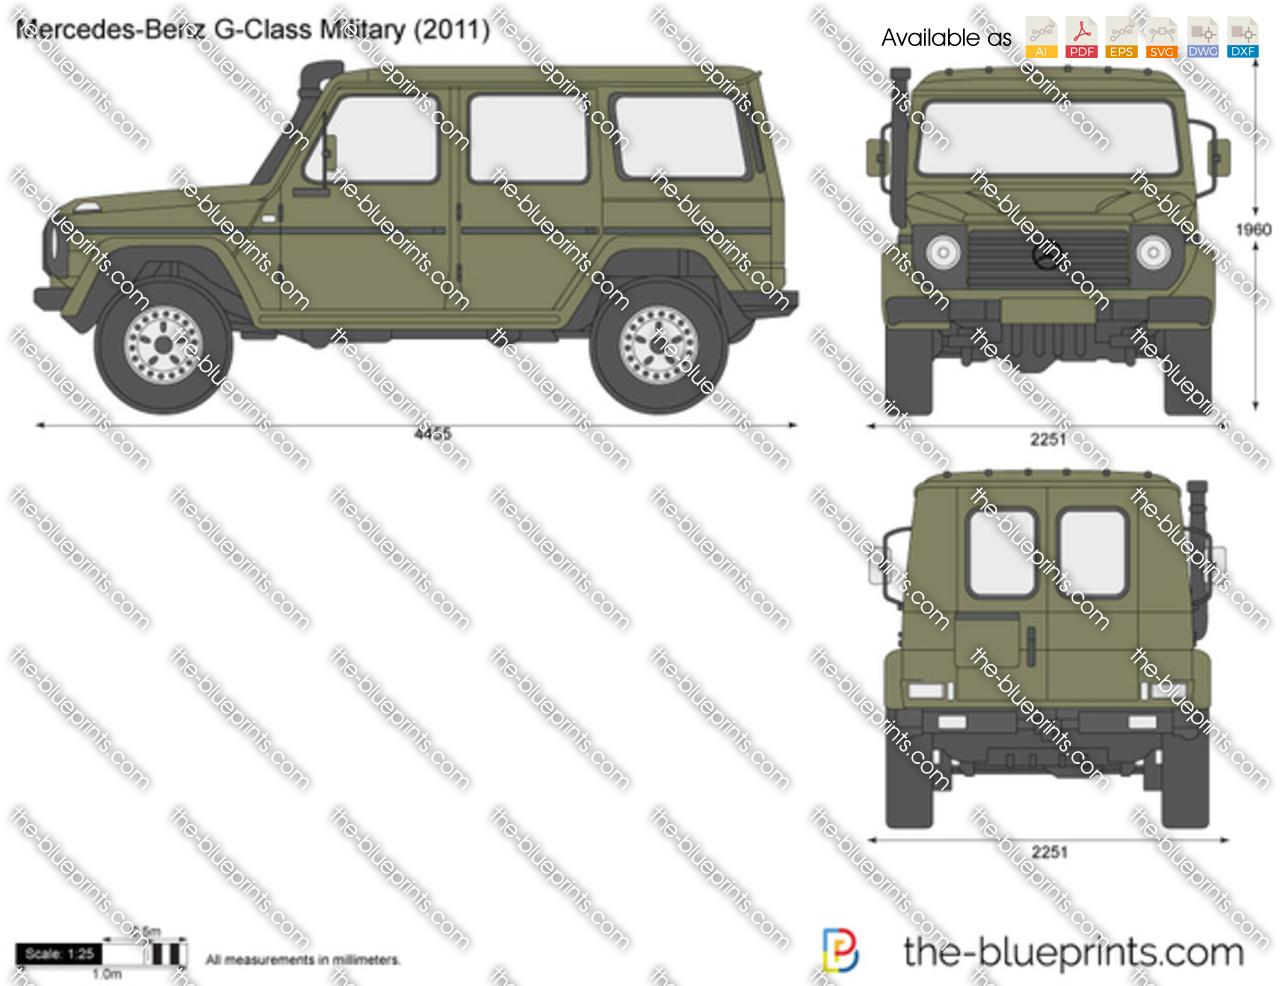 Mercedes-Benz G-Class Military 461 2004